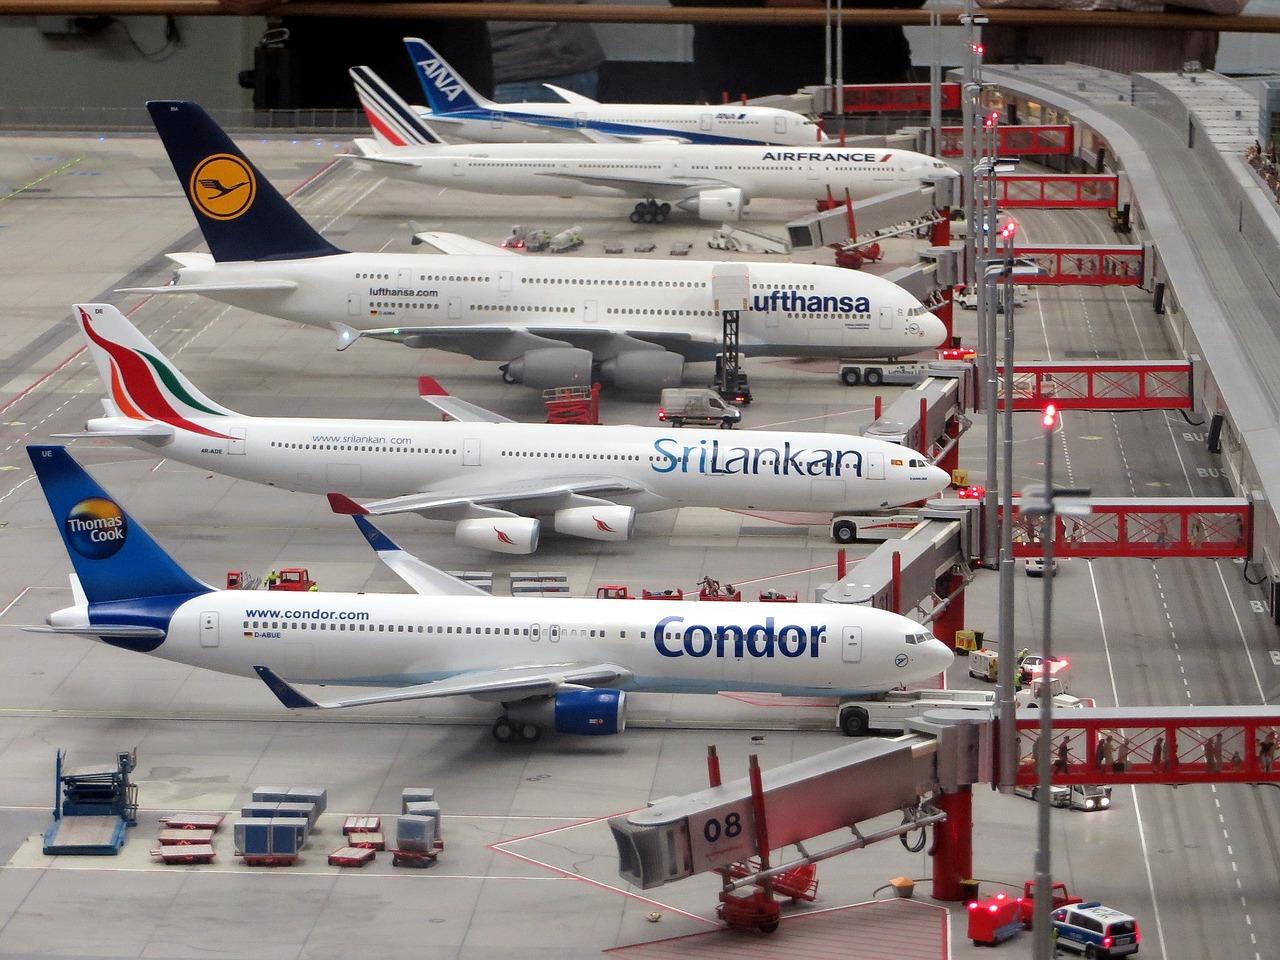 Condor, filial alemana de Thomas Cook, seguirá volando con un préstamo estatal